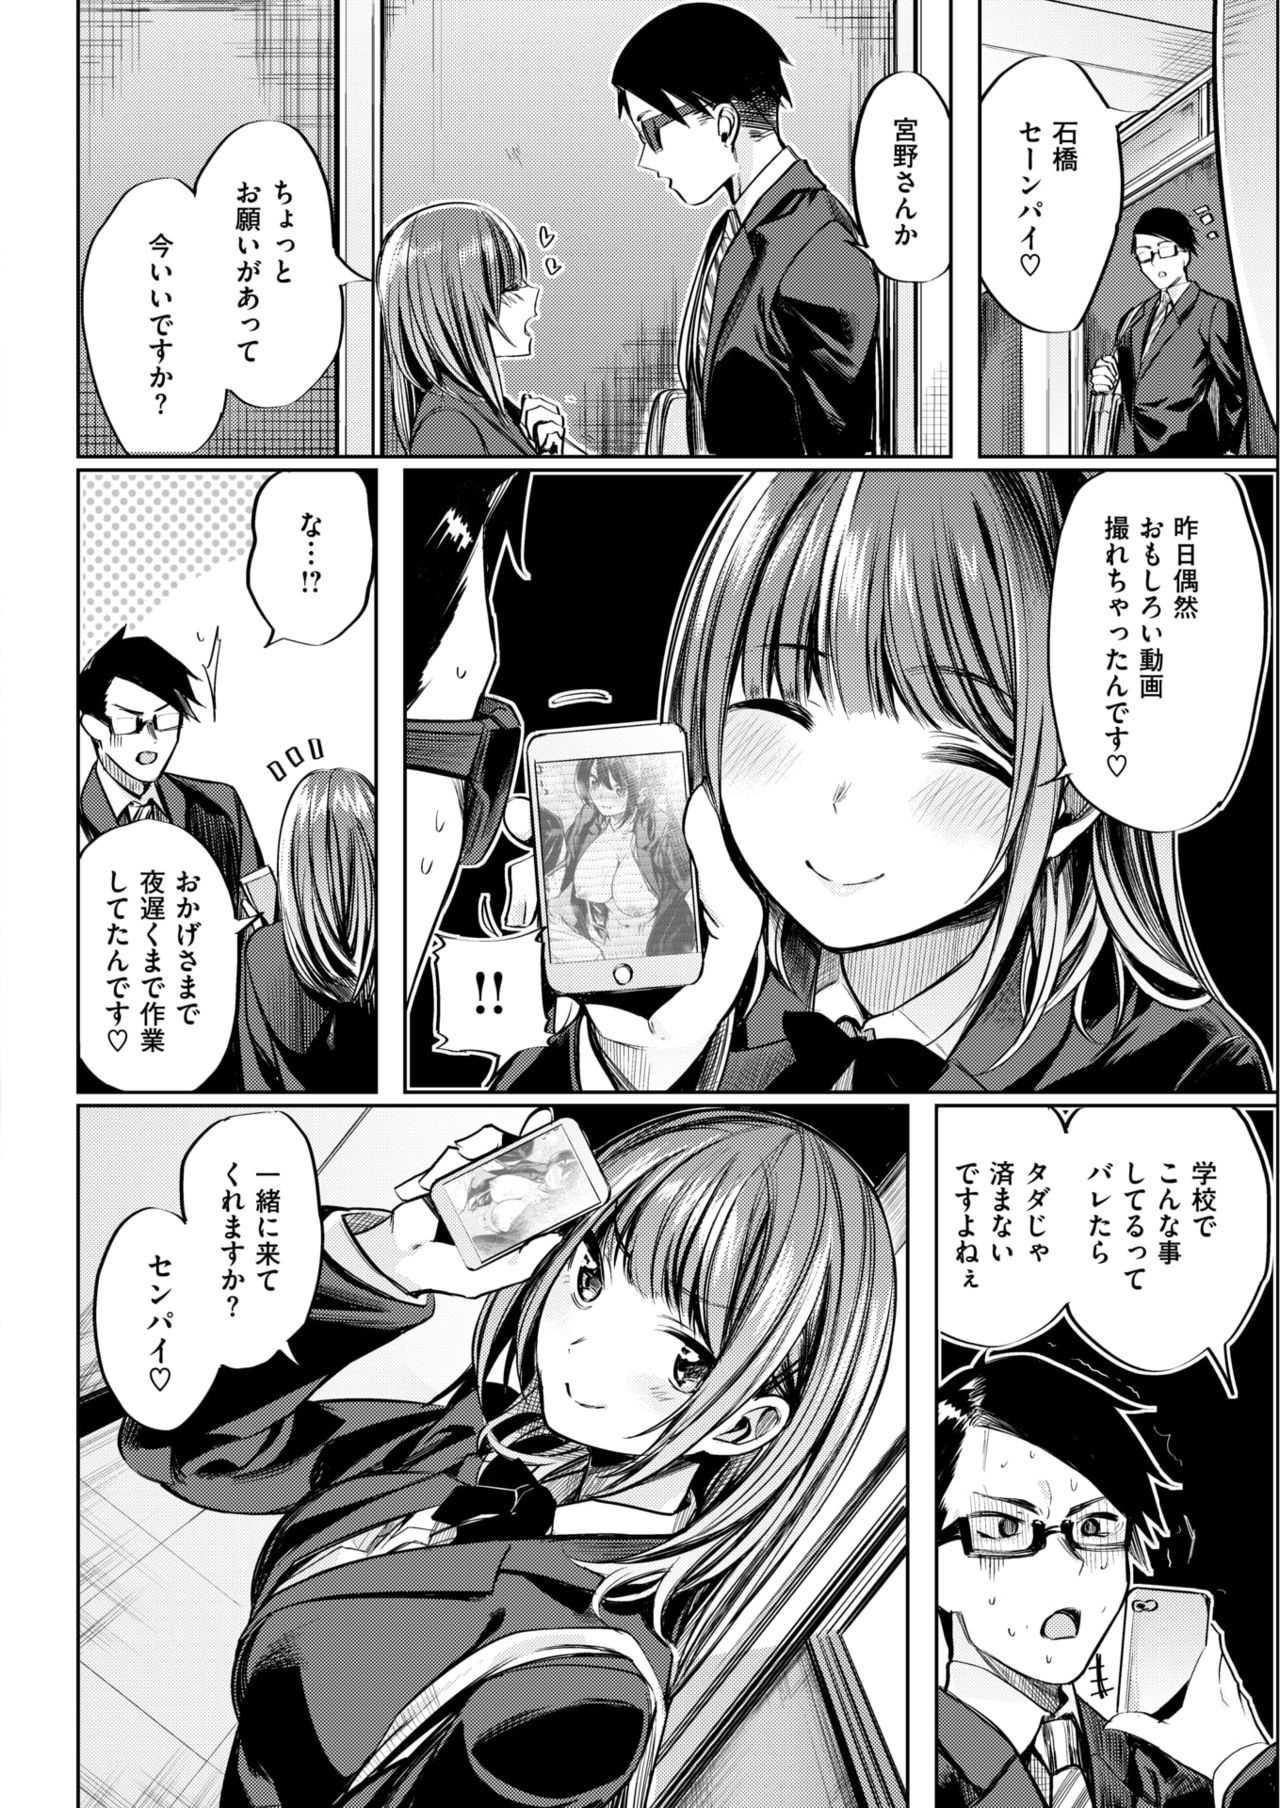 【エロ漫画】Sッ気のある生意気な後輩JKに弱みを握られ逆レイプを受けるwww